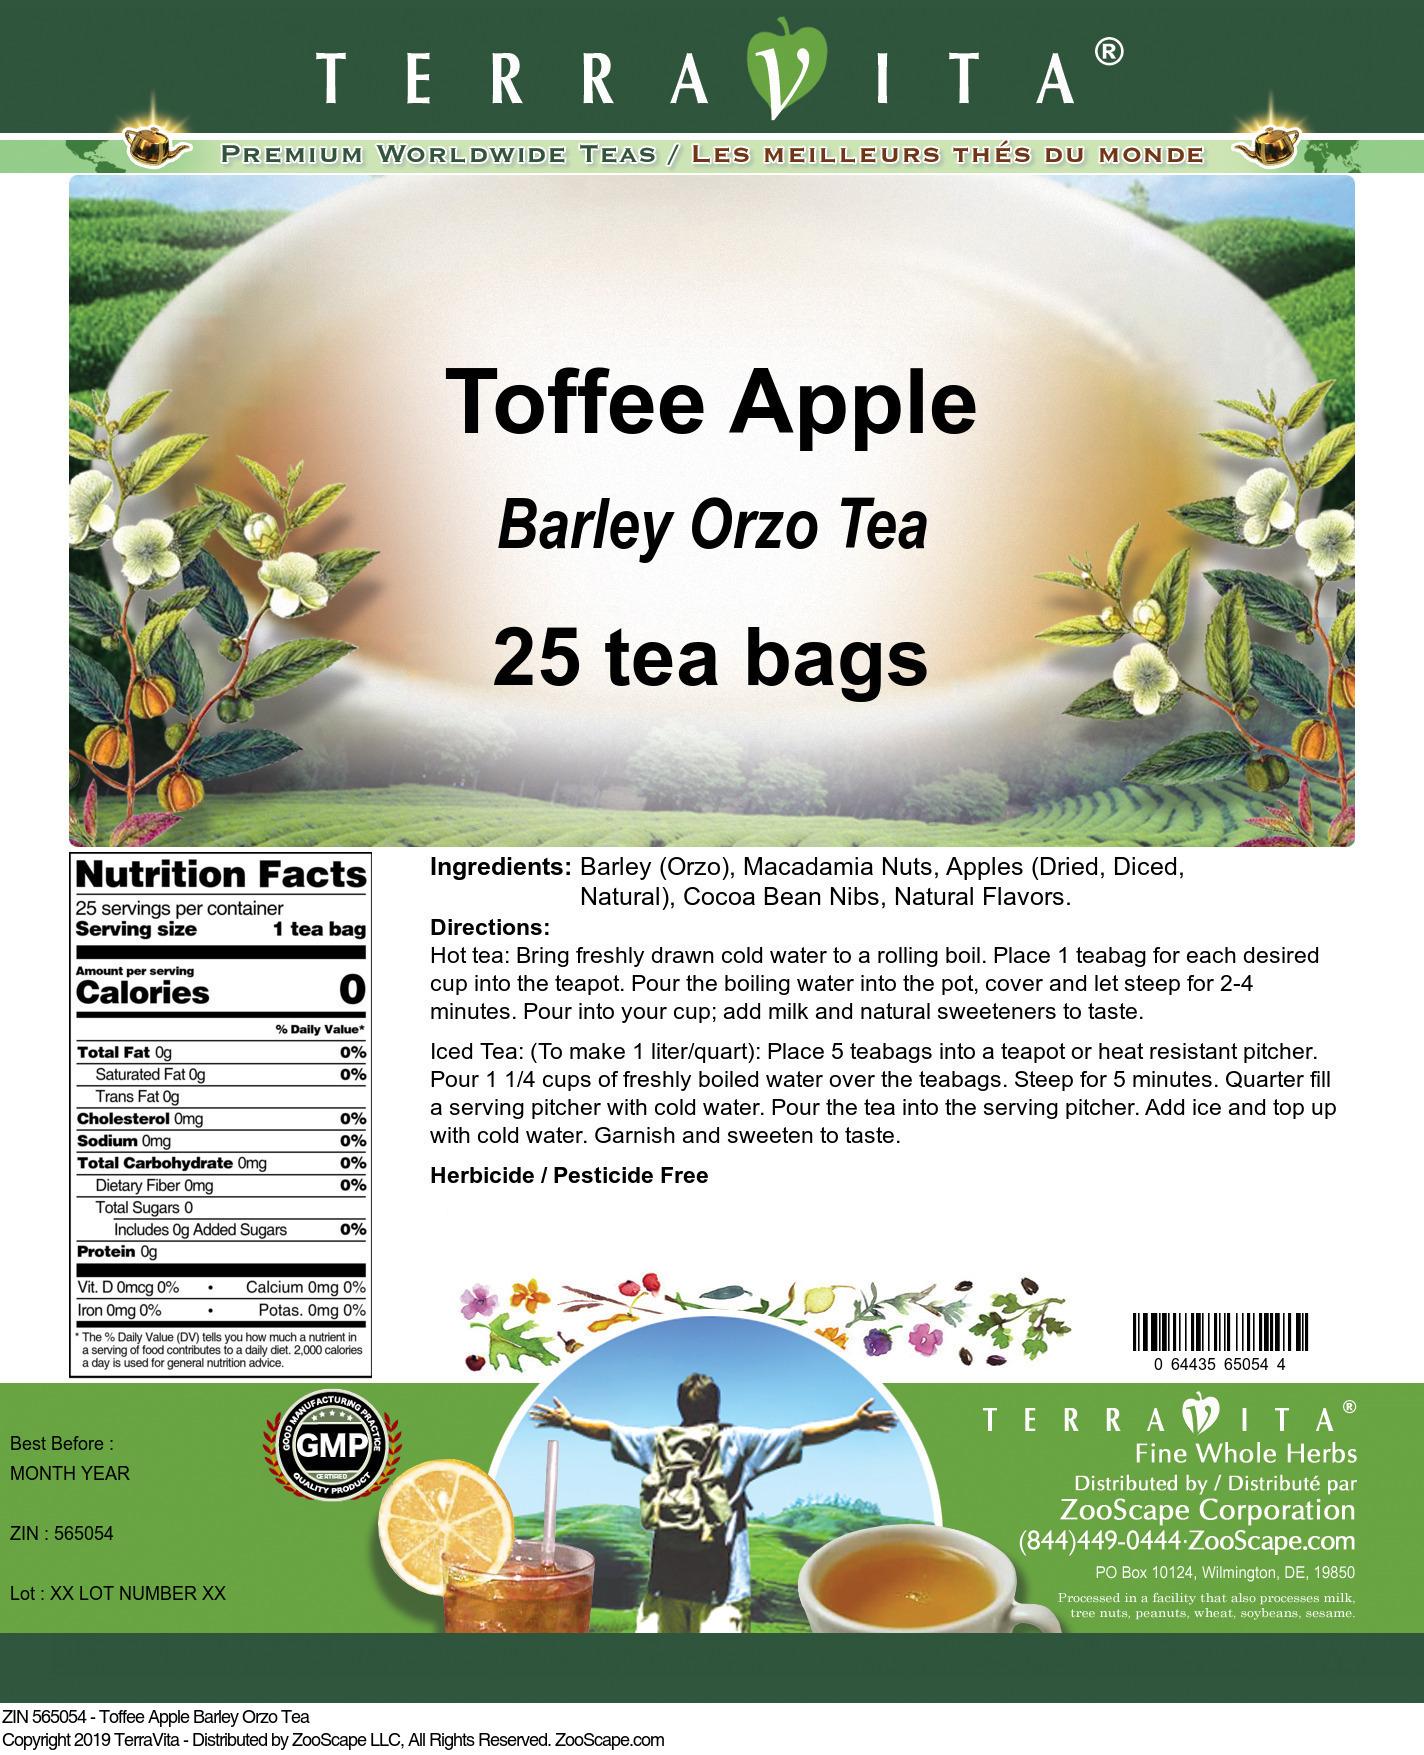 Toffee Apple Barley Orzo Tea